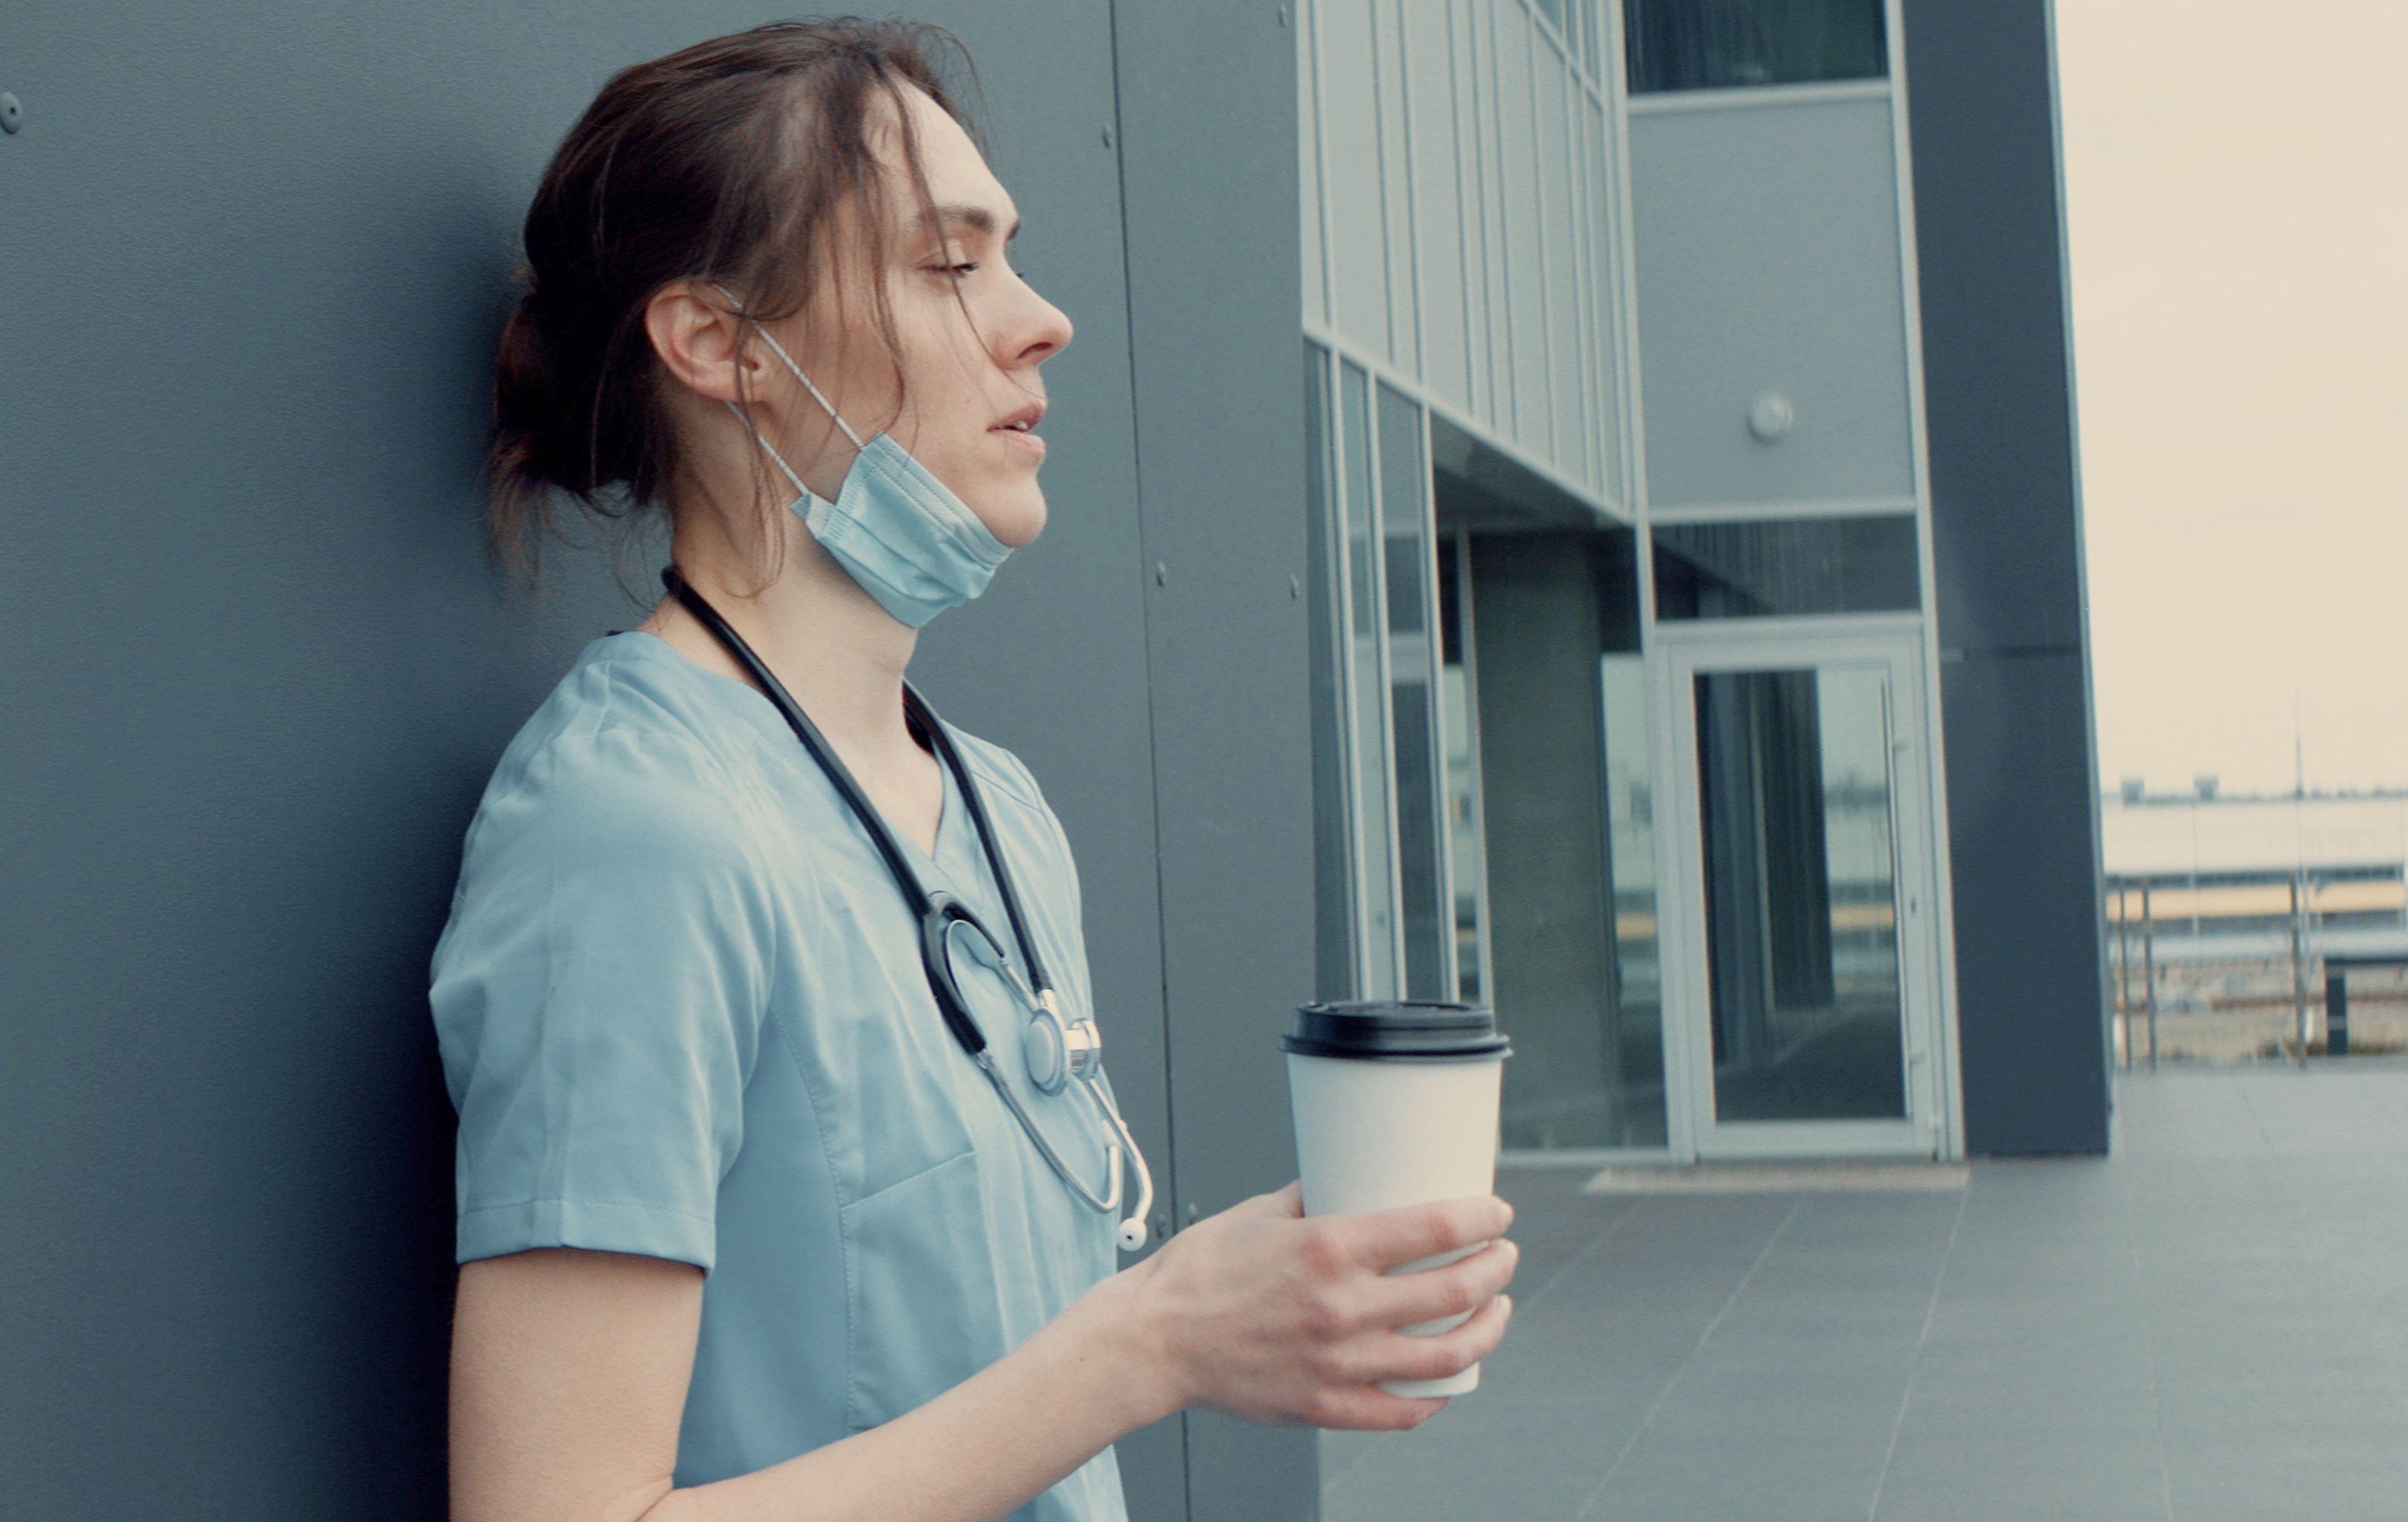 Pomysł, aby ściągać pielęgniarki m.in. z Białorusi, budzi spore obawy (Fot. Shutterstock)